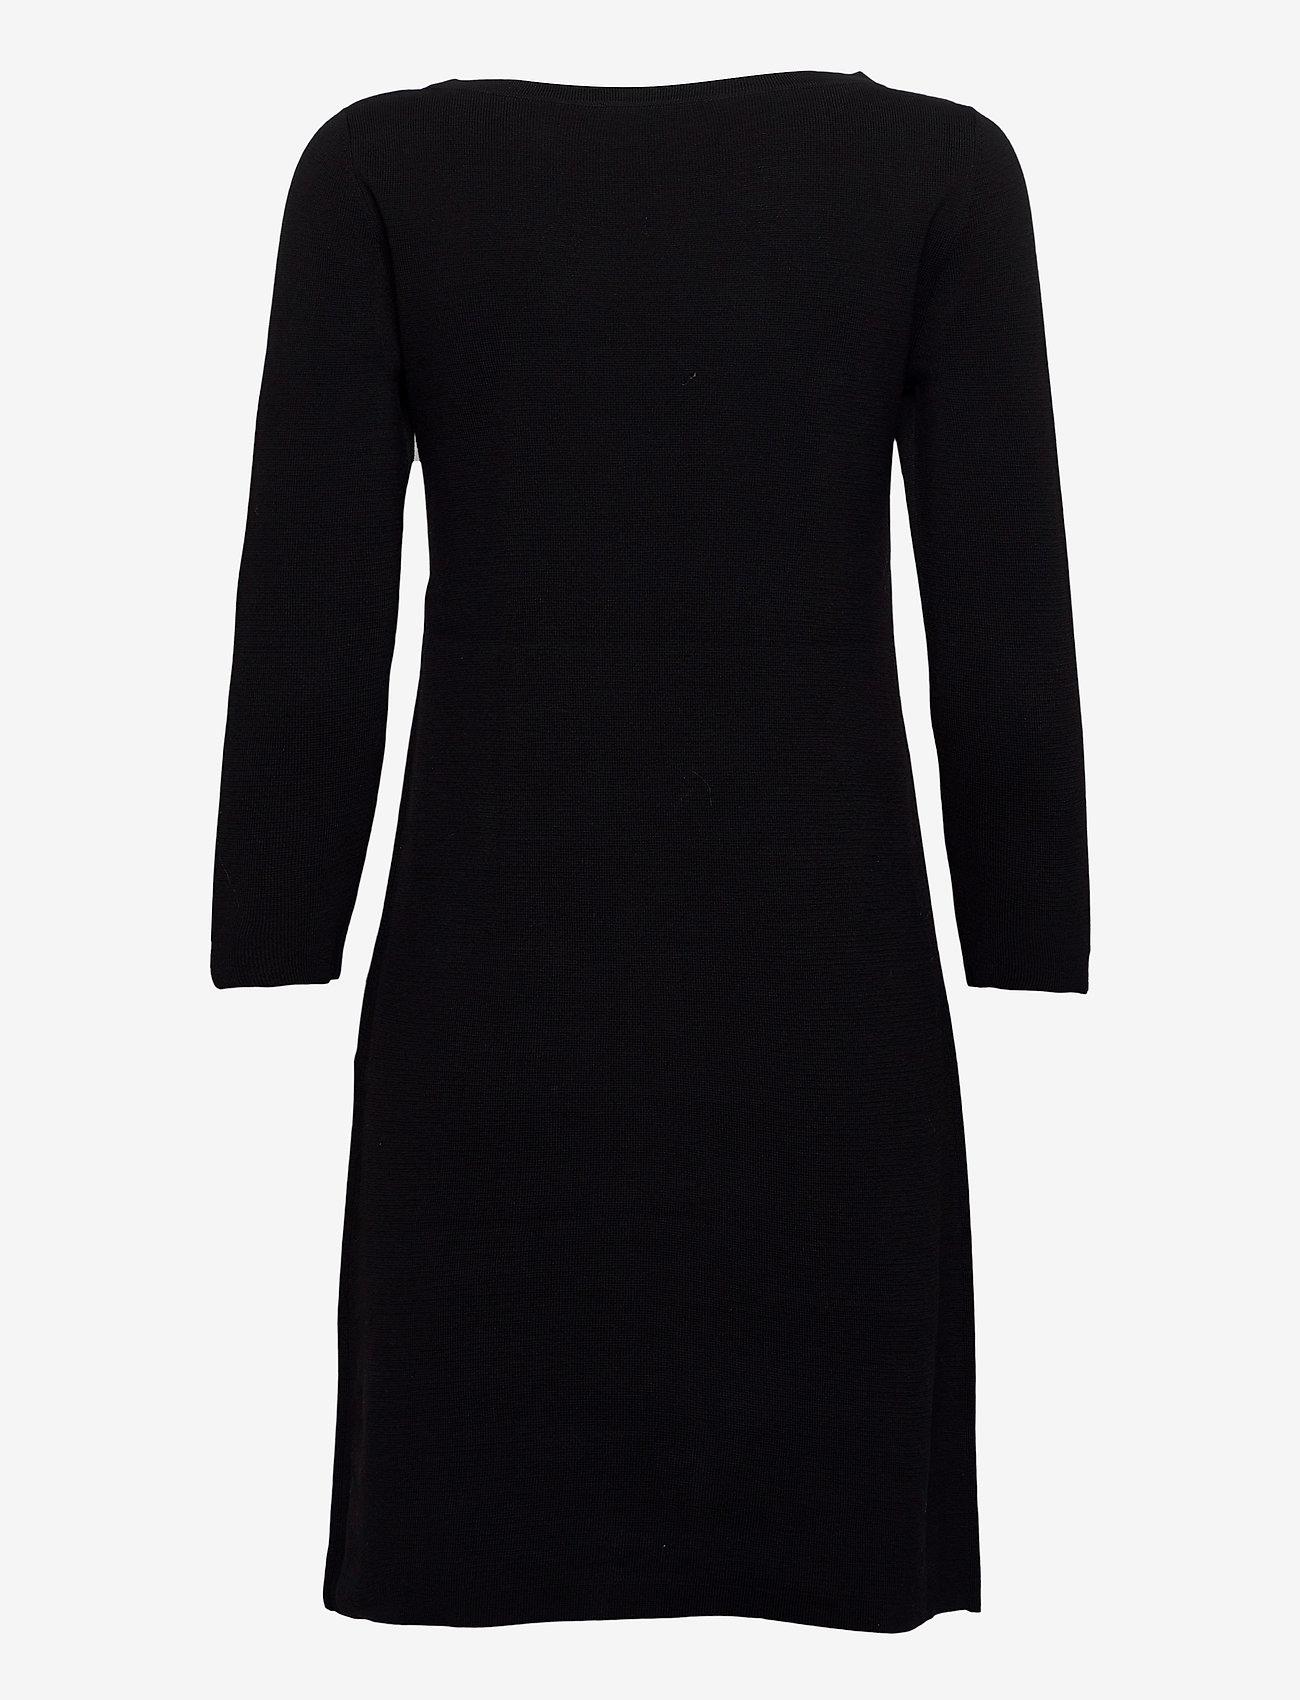 Esprit Collection - Dresses flat knitted - strikkjoler - black - 1